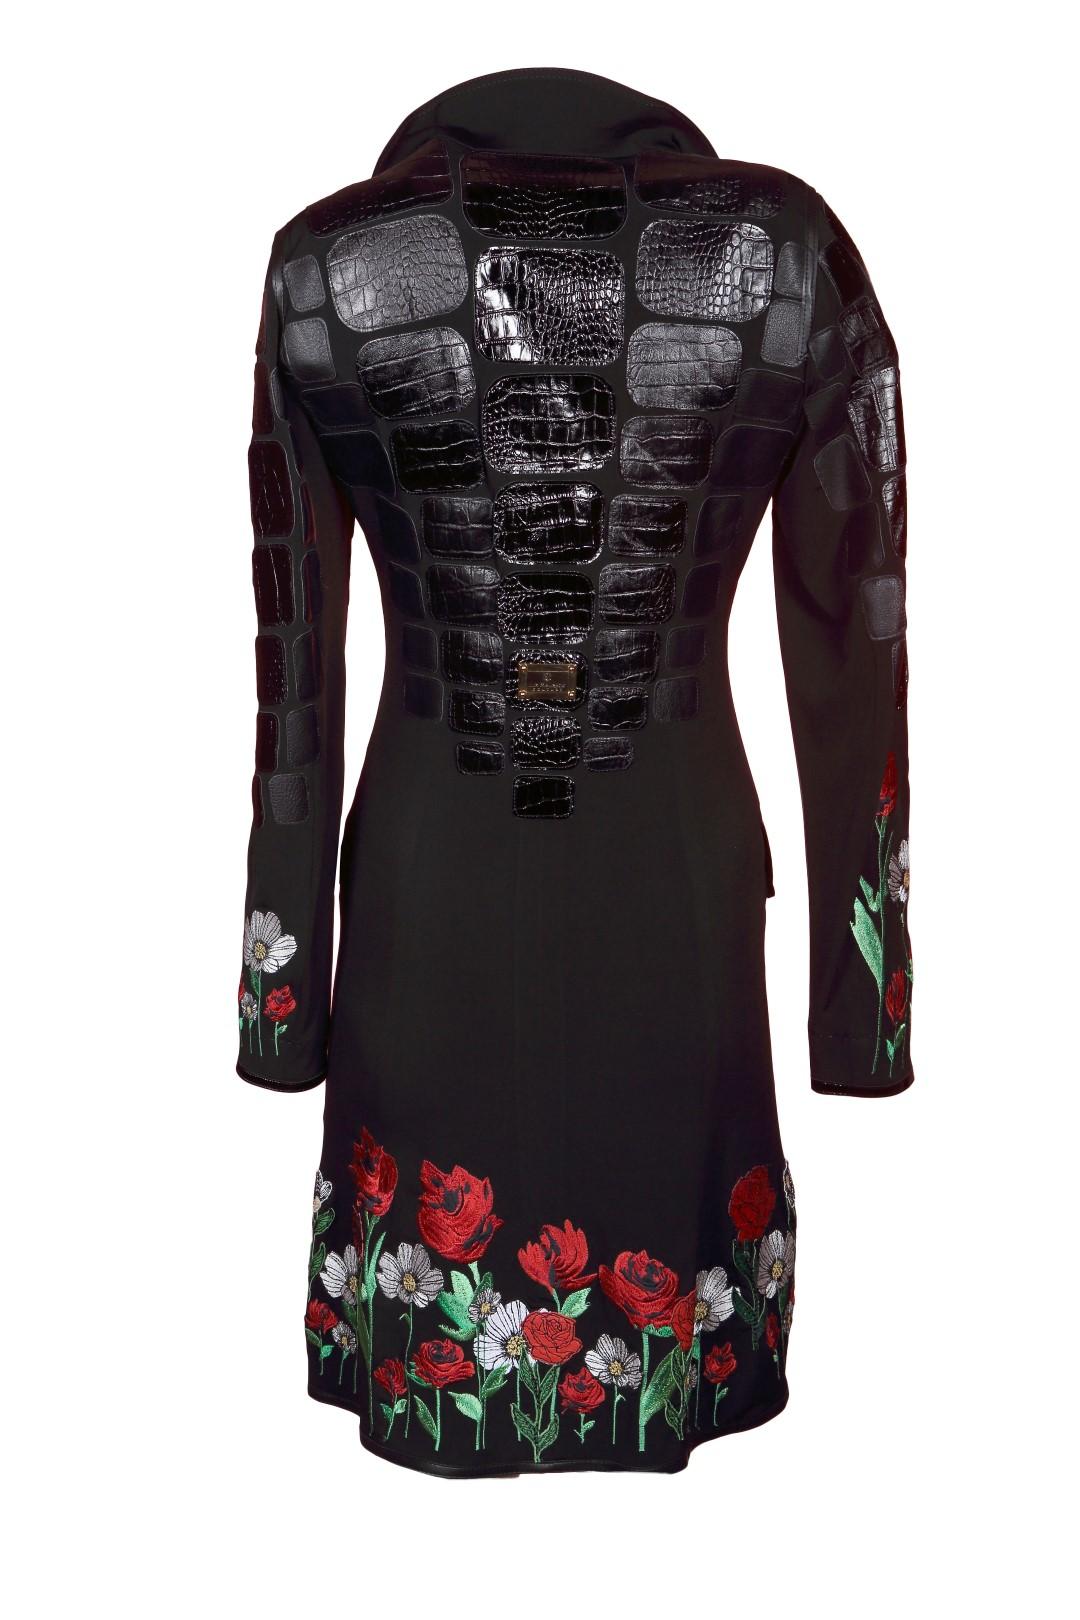 Croco jacket, aqua with black contrasts